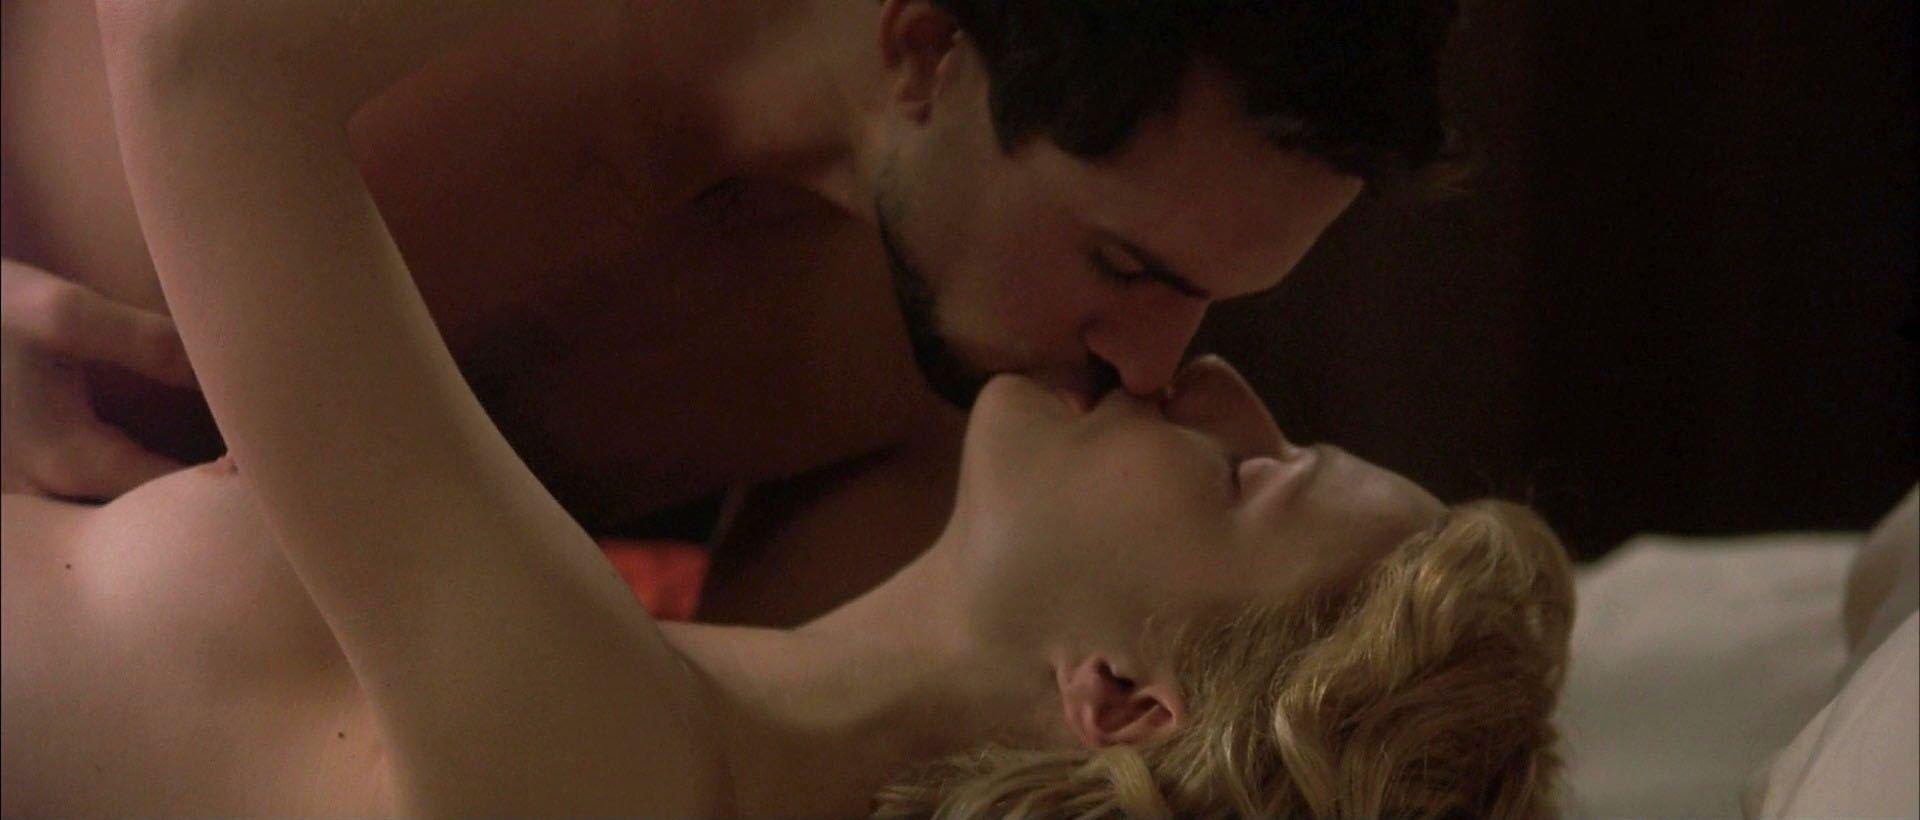 shakespeare in love sex scene